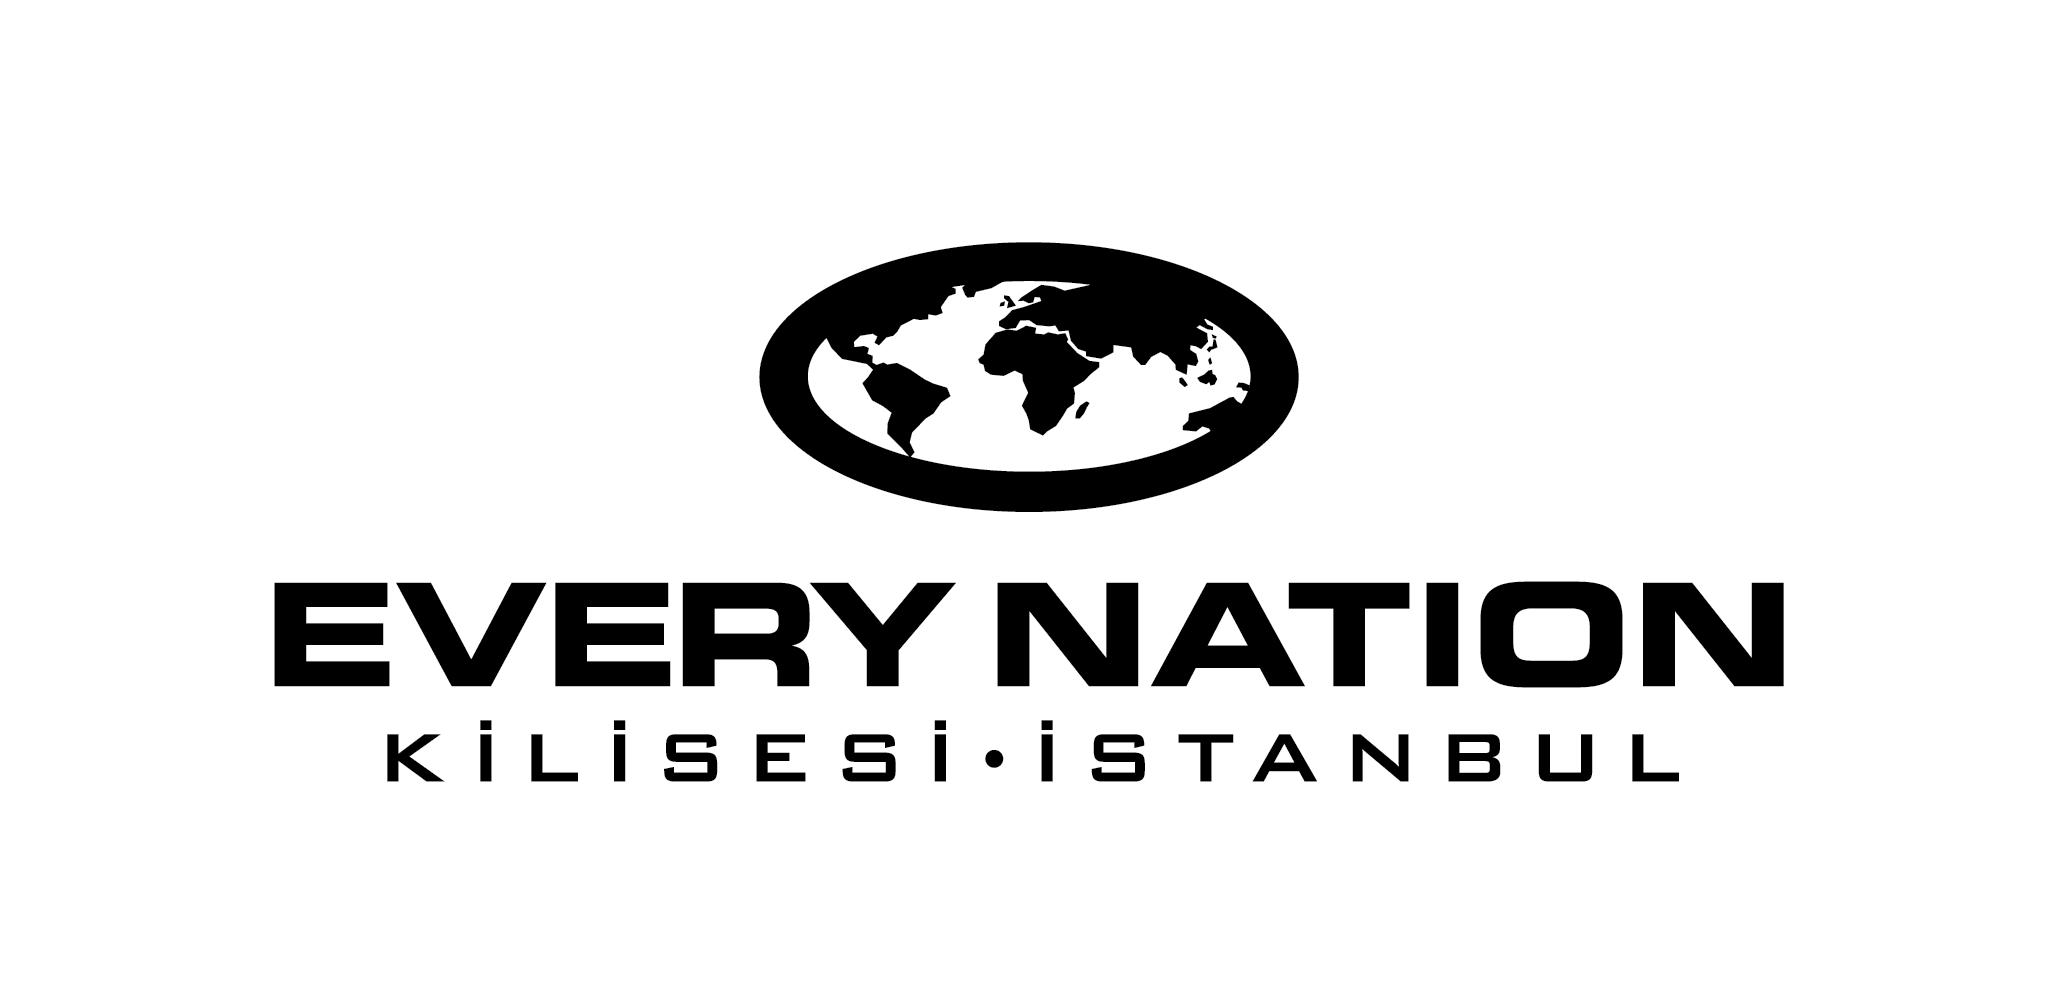 Every Nation Kilisesi Istanbul